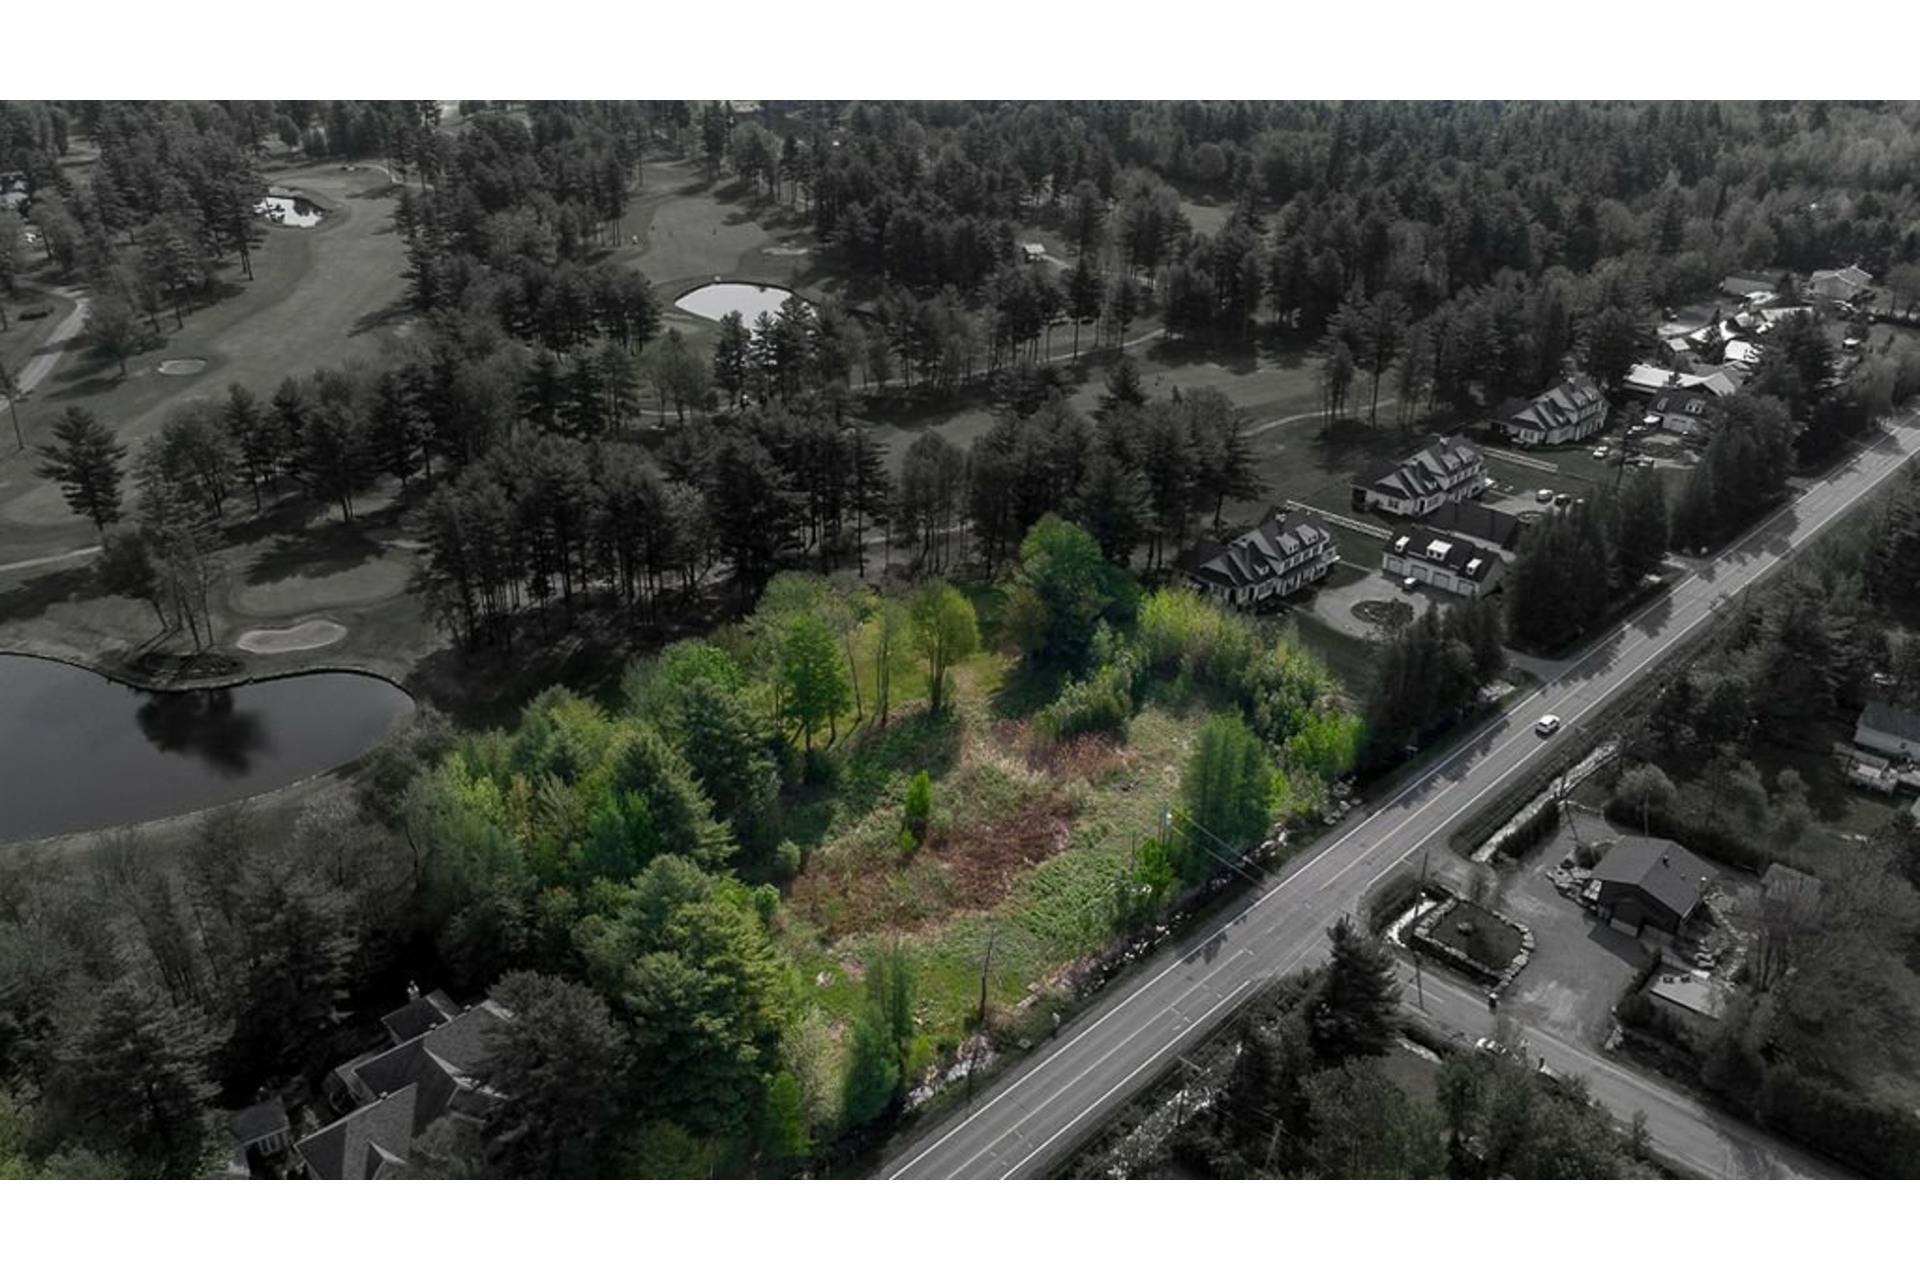 image 5 - Land For sale Sainte-Anne-des-Plaines